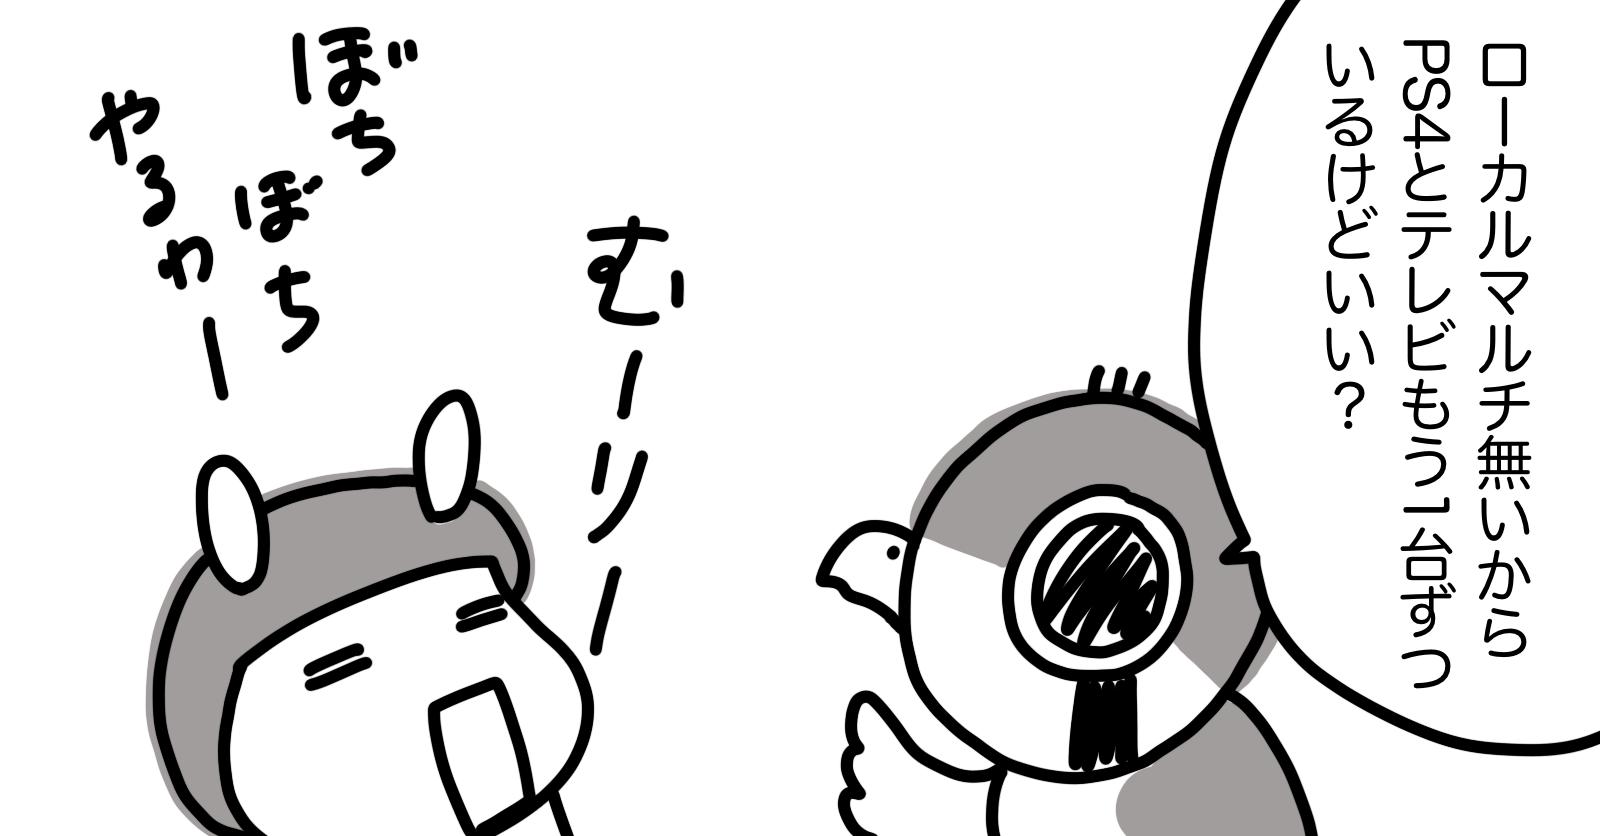 モンハンワールド漫画日記:今さらですが初体験4